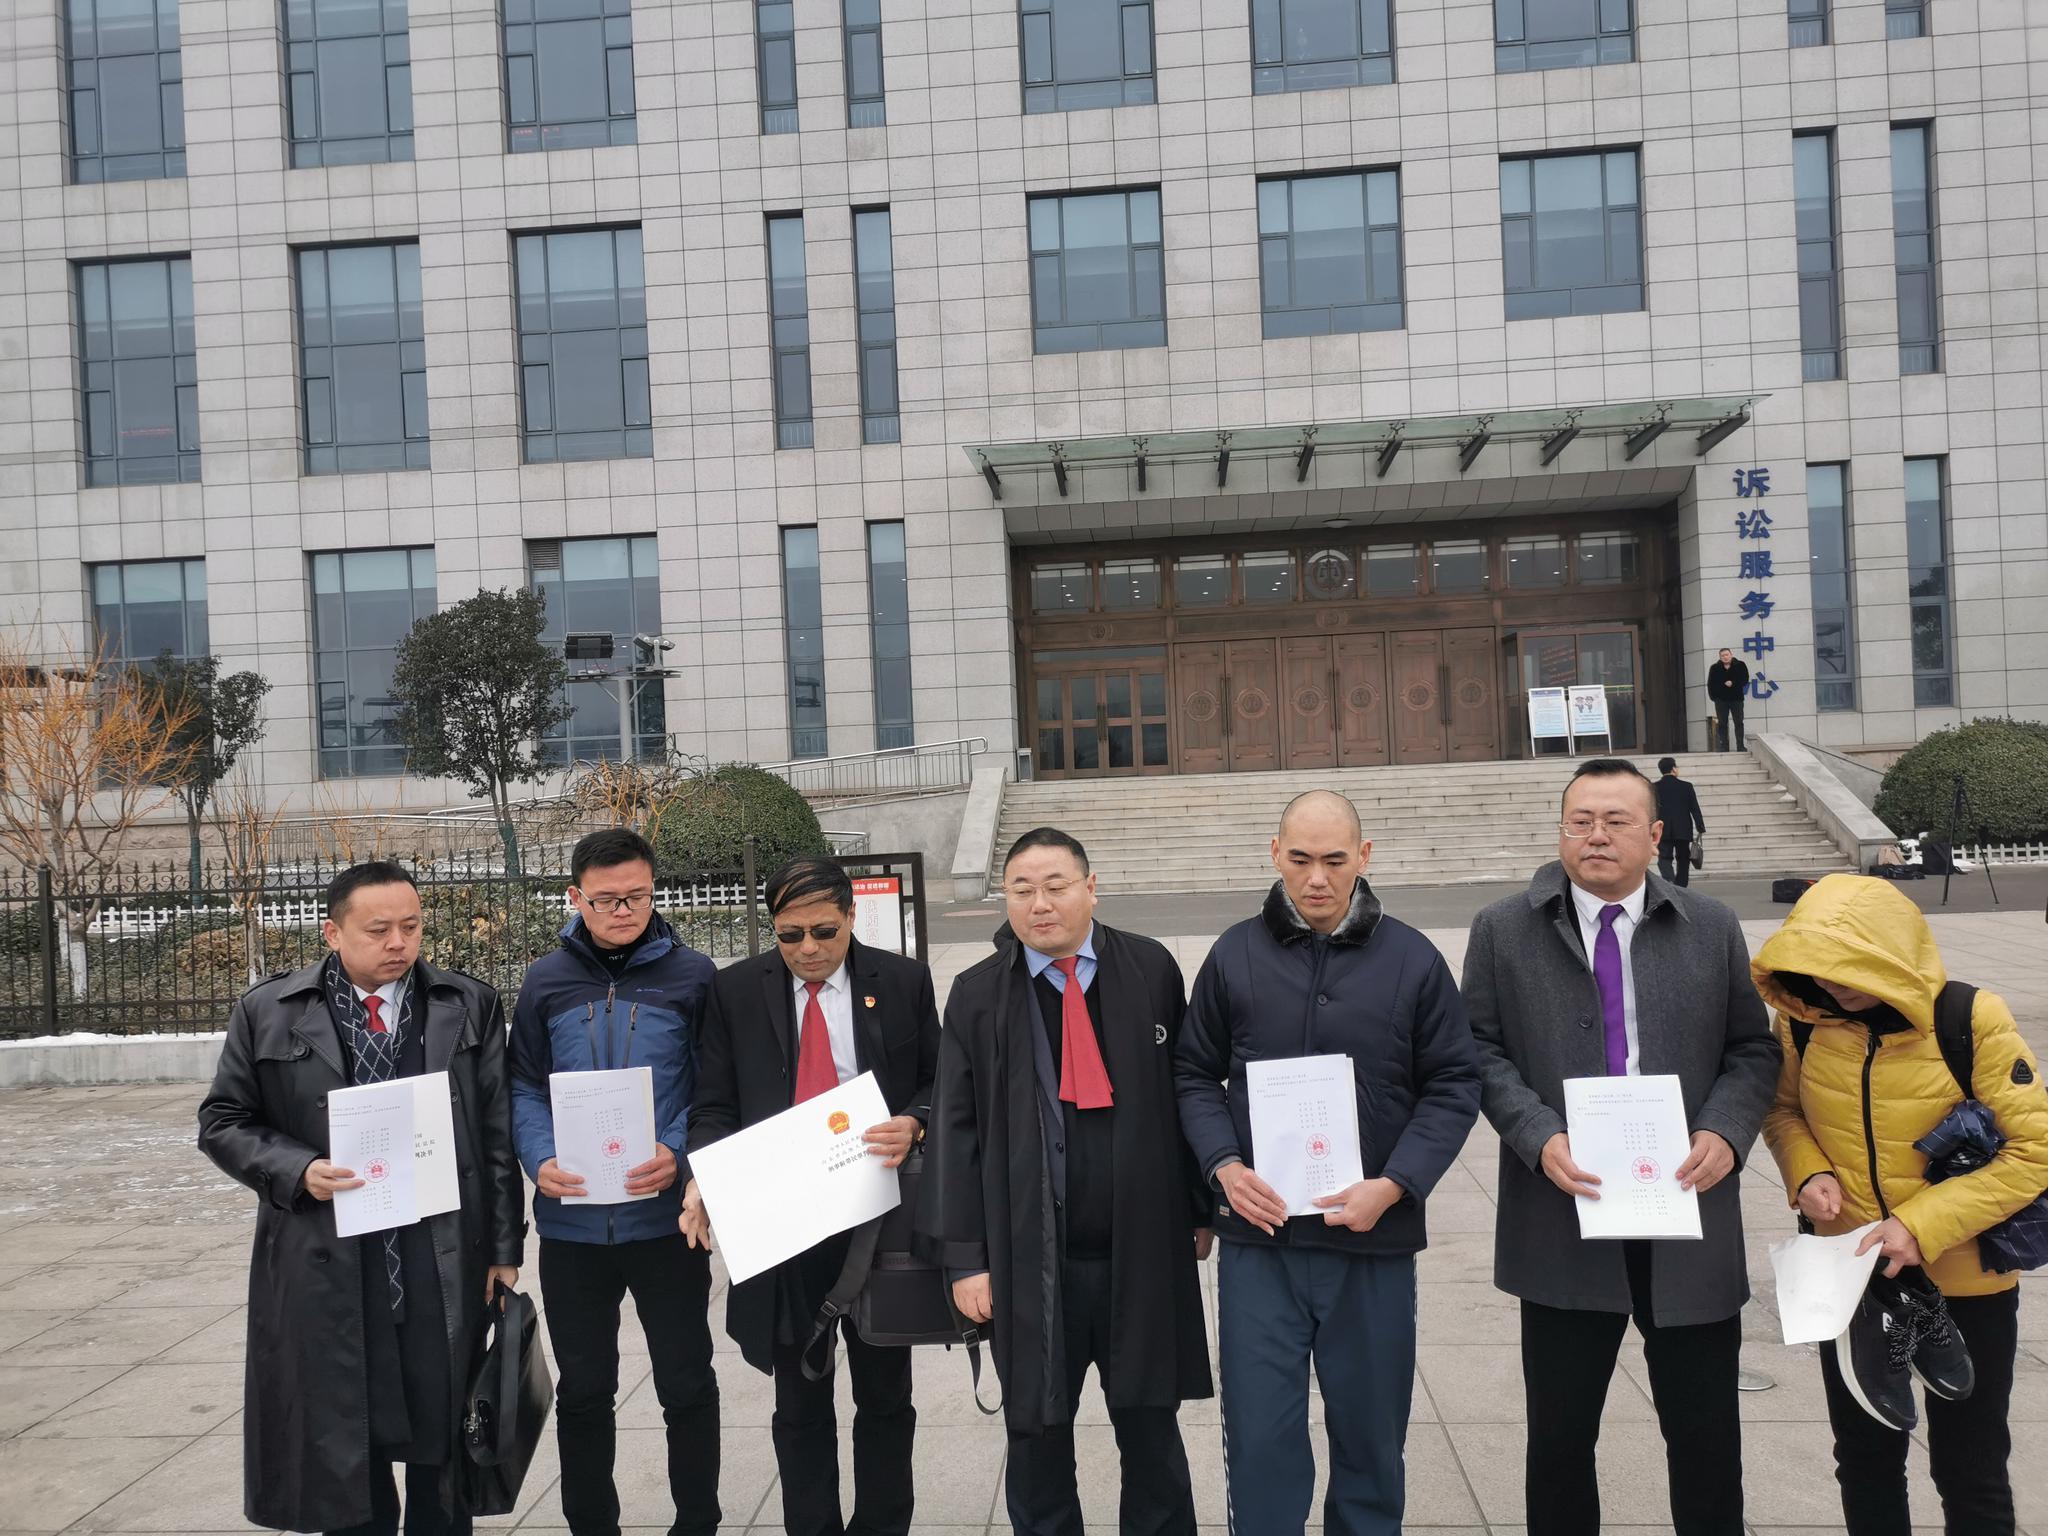 张志超(右三)、王广超(左二)和家人、代理律师合影。